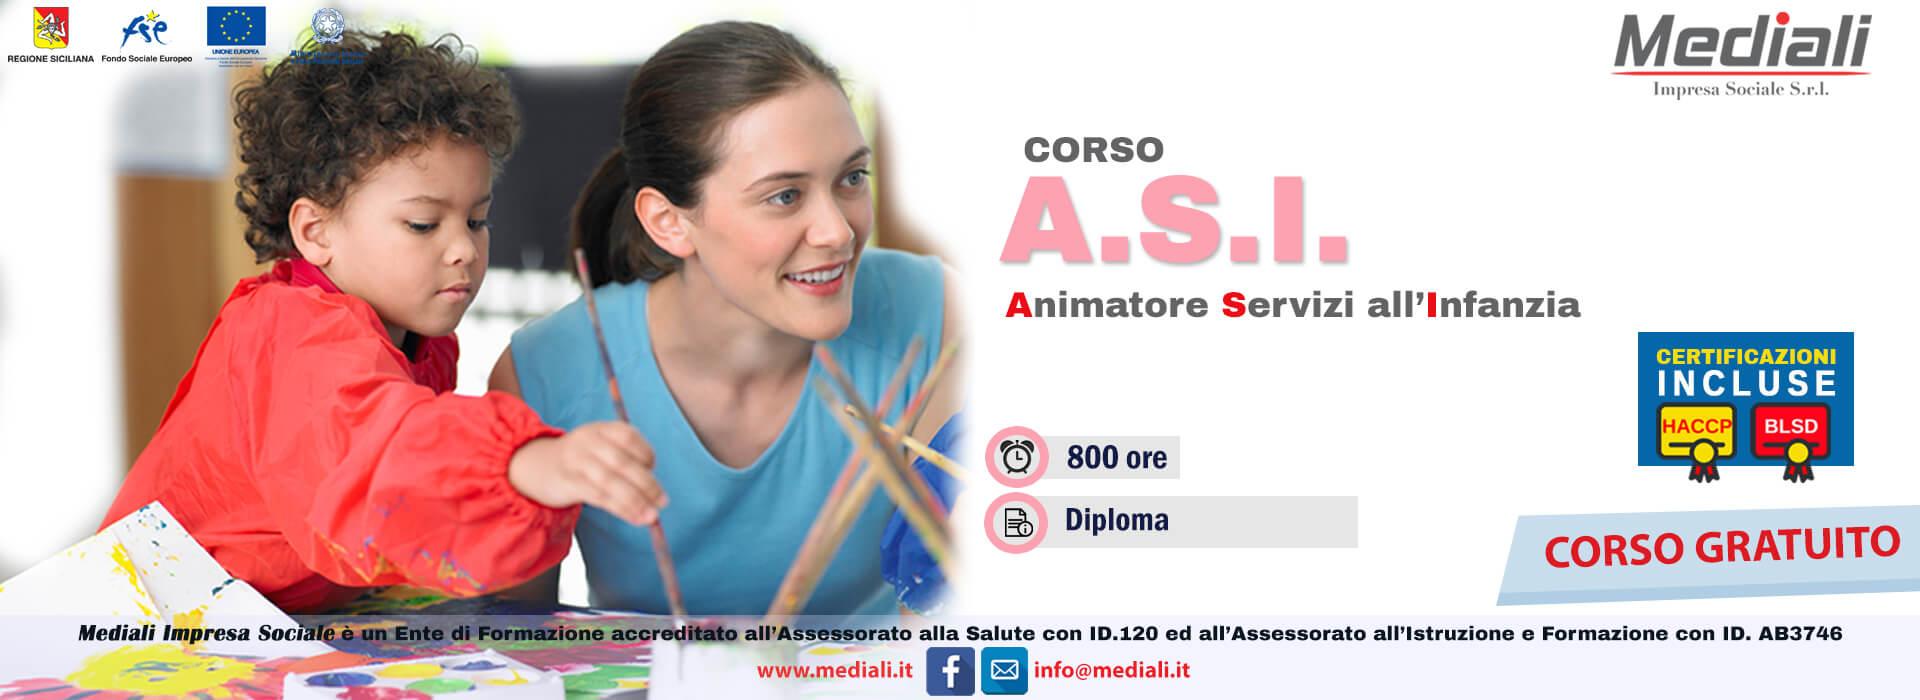 Corso ASI  Animatore Servizi all'Infanzia - gratuito Mediali 2018